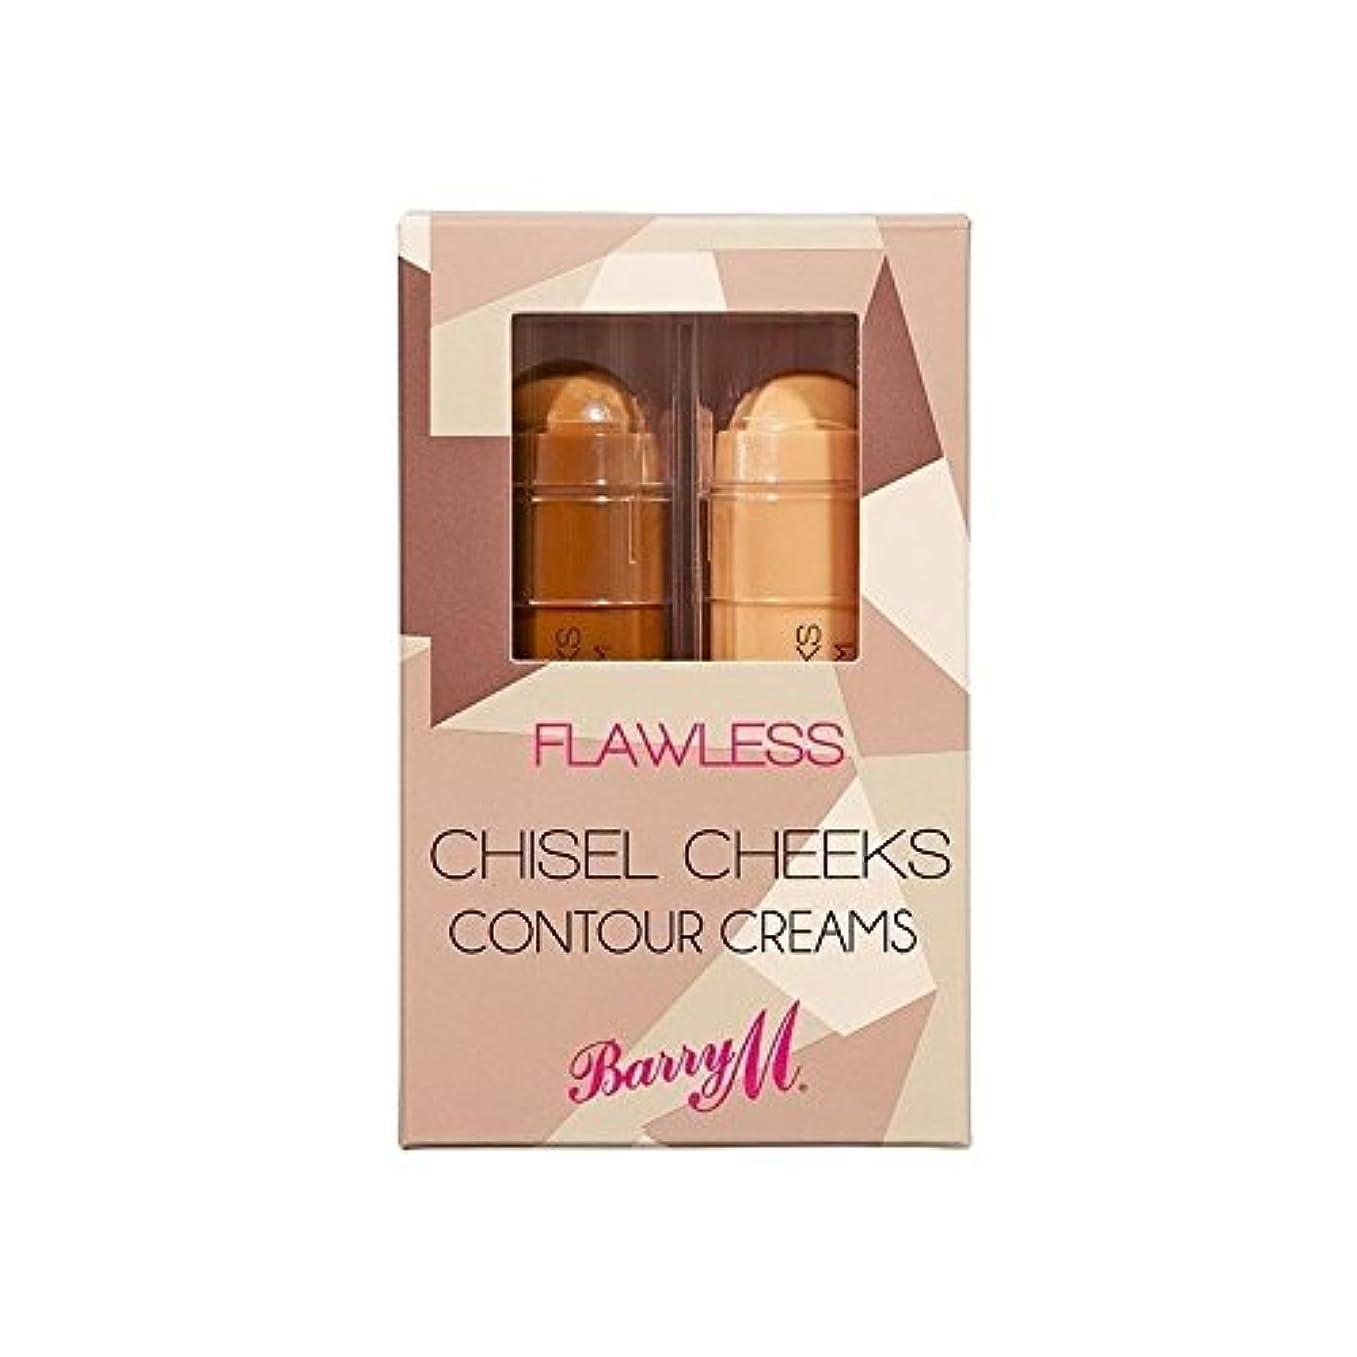 バリーメートルチゼル頬の輪郭クリーム x2 - Barry M Chisel Cheek Contour Creams (Pack of 2) [並行輸入品]